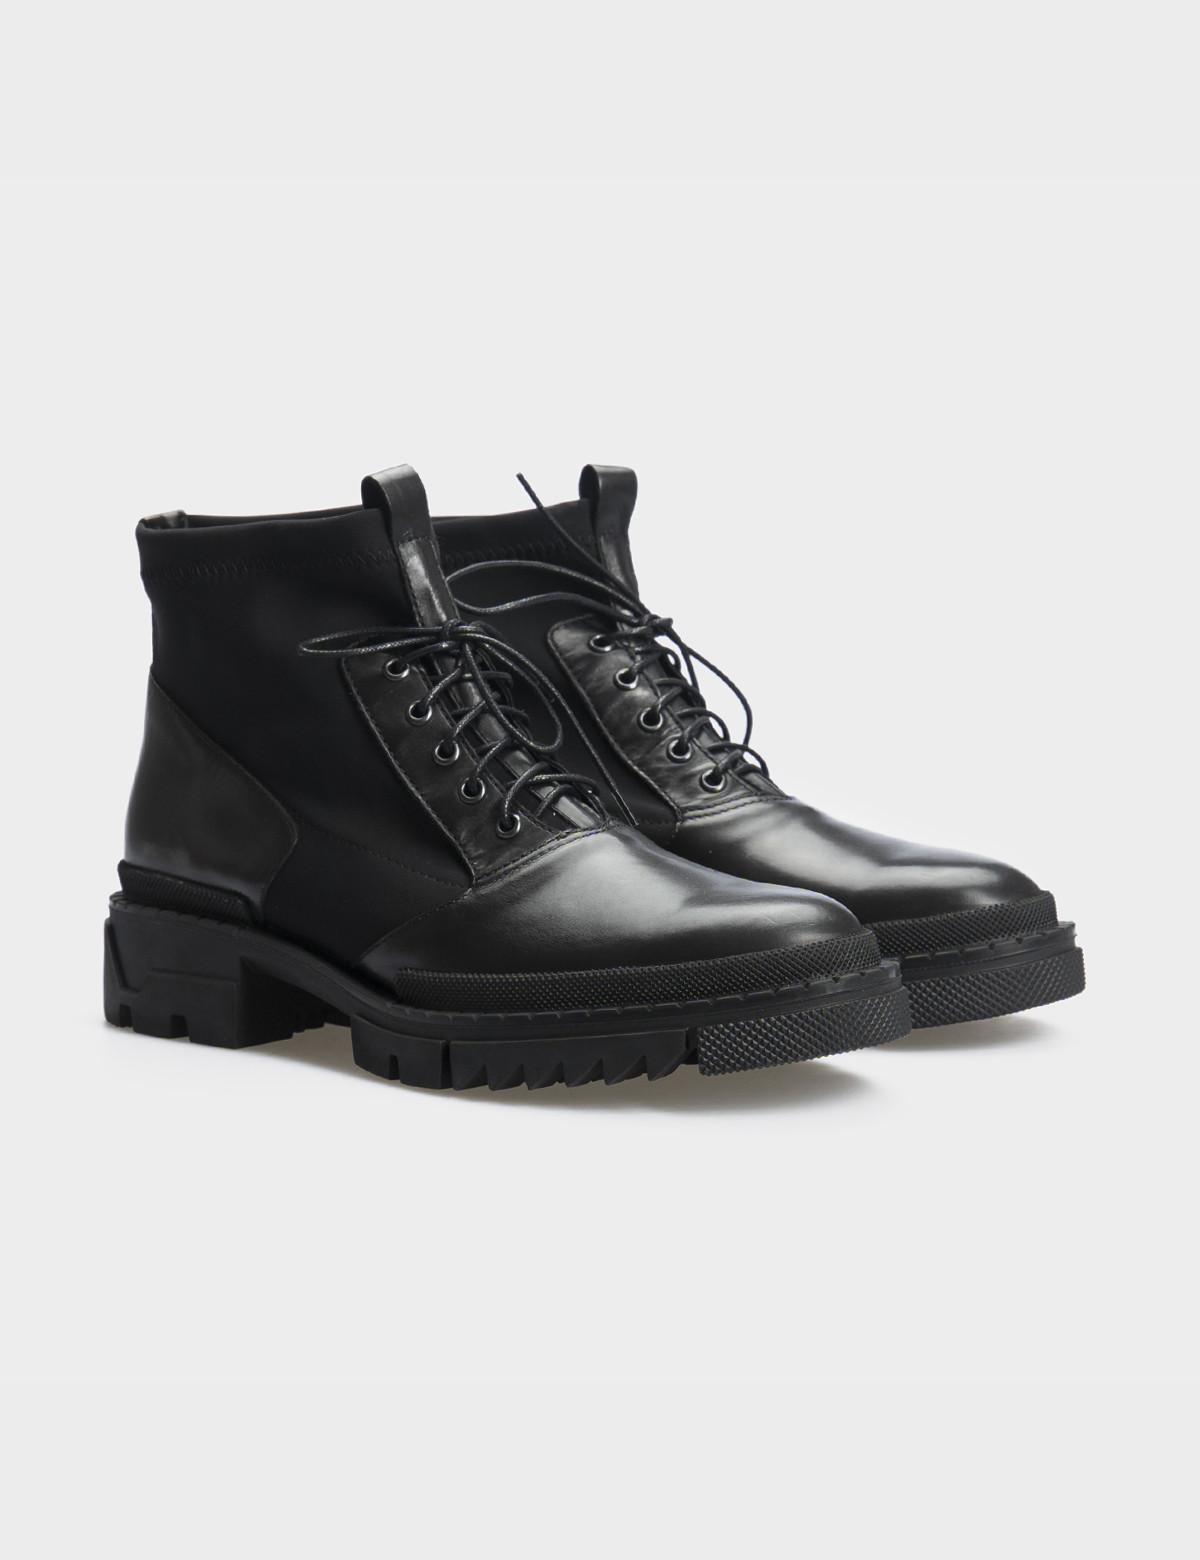 Ботинки черные, натуральная кожа/стрейч. Байка1